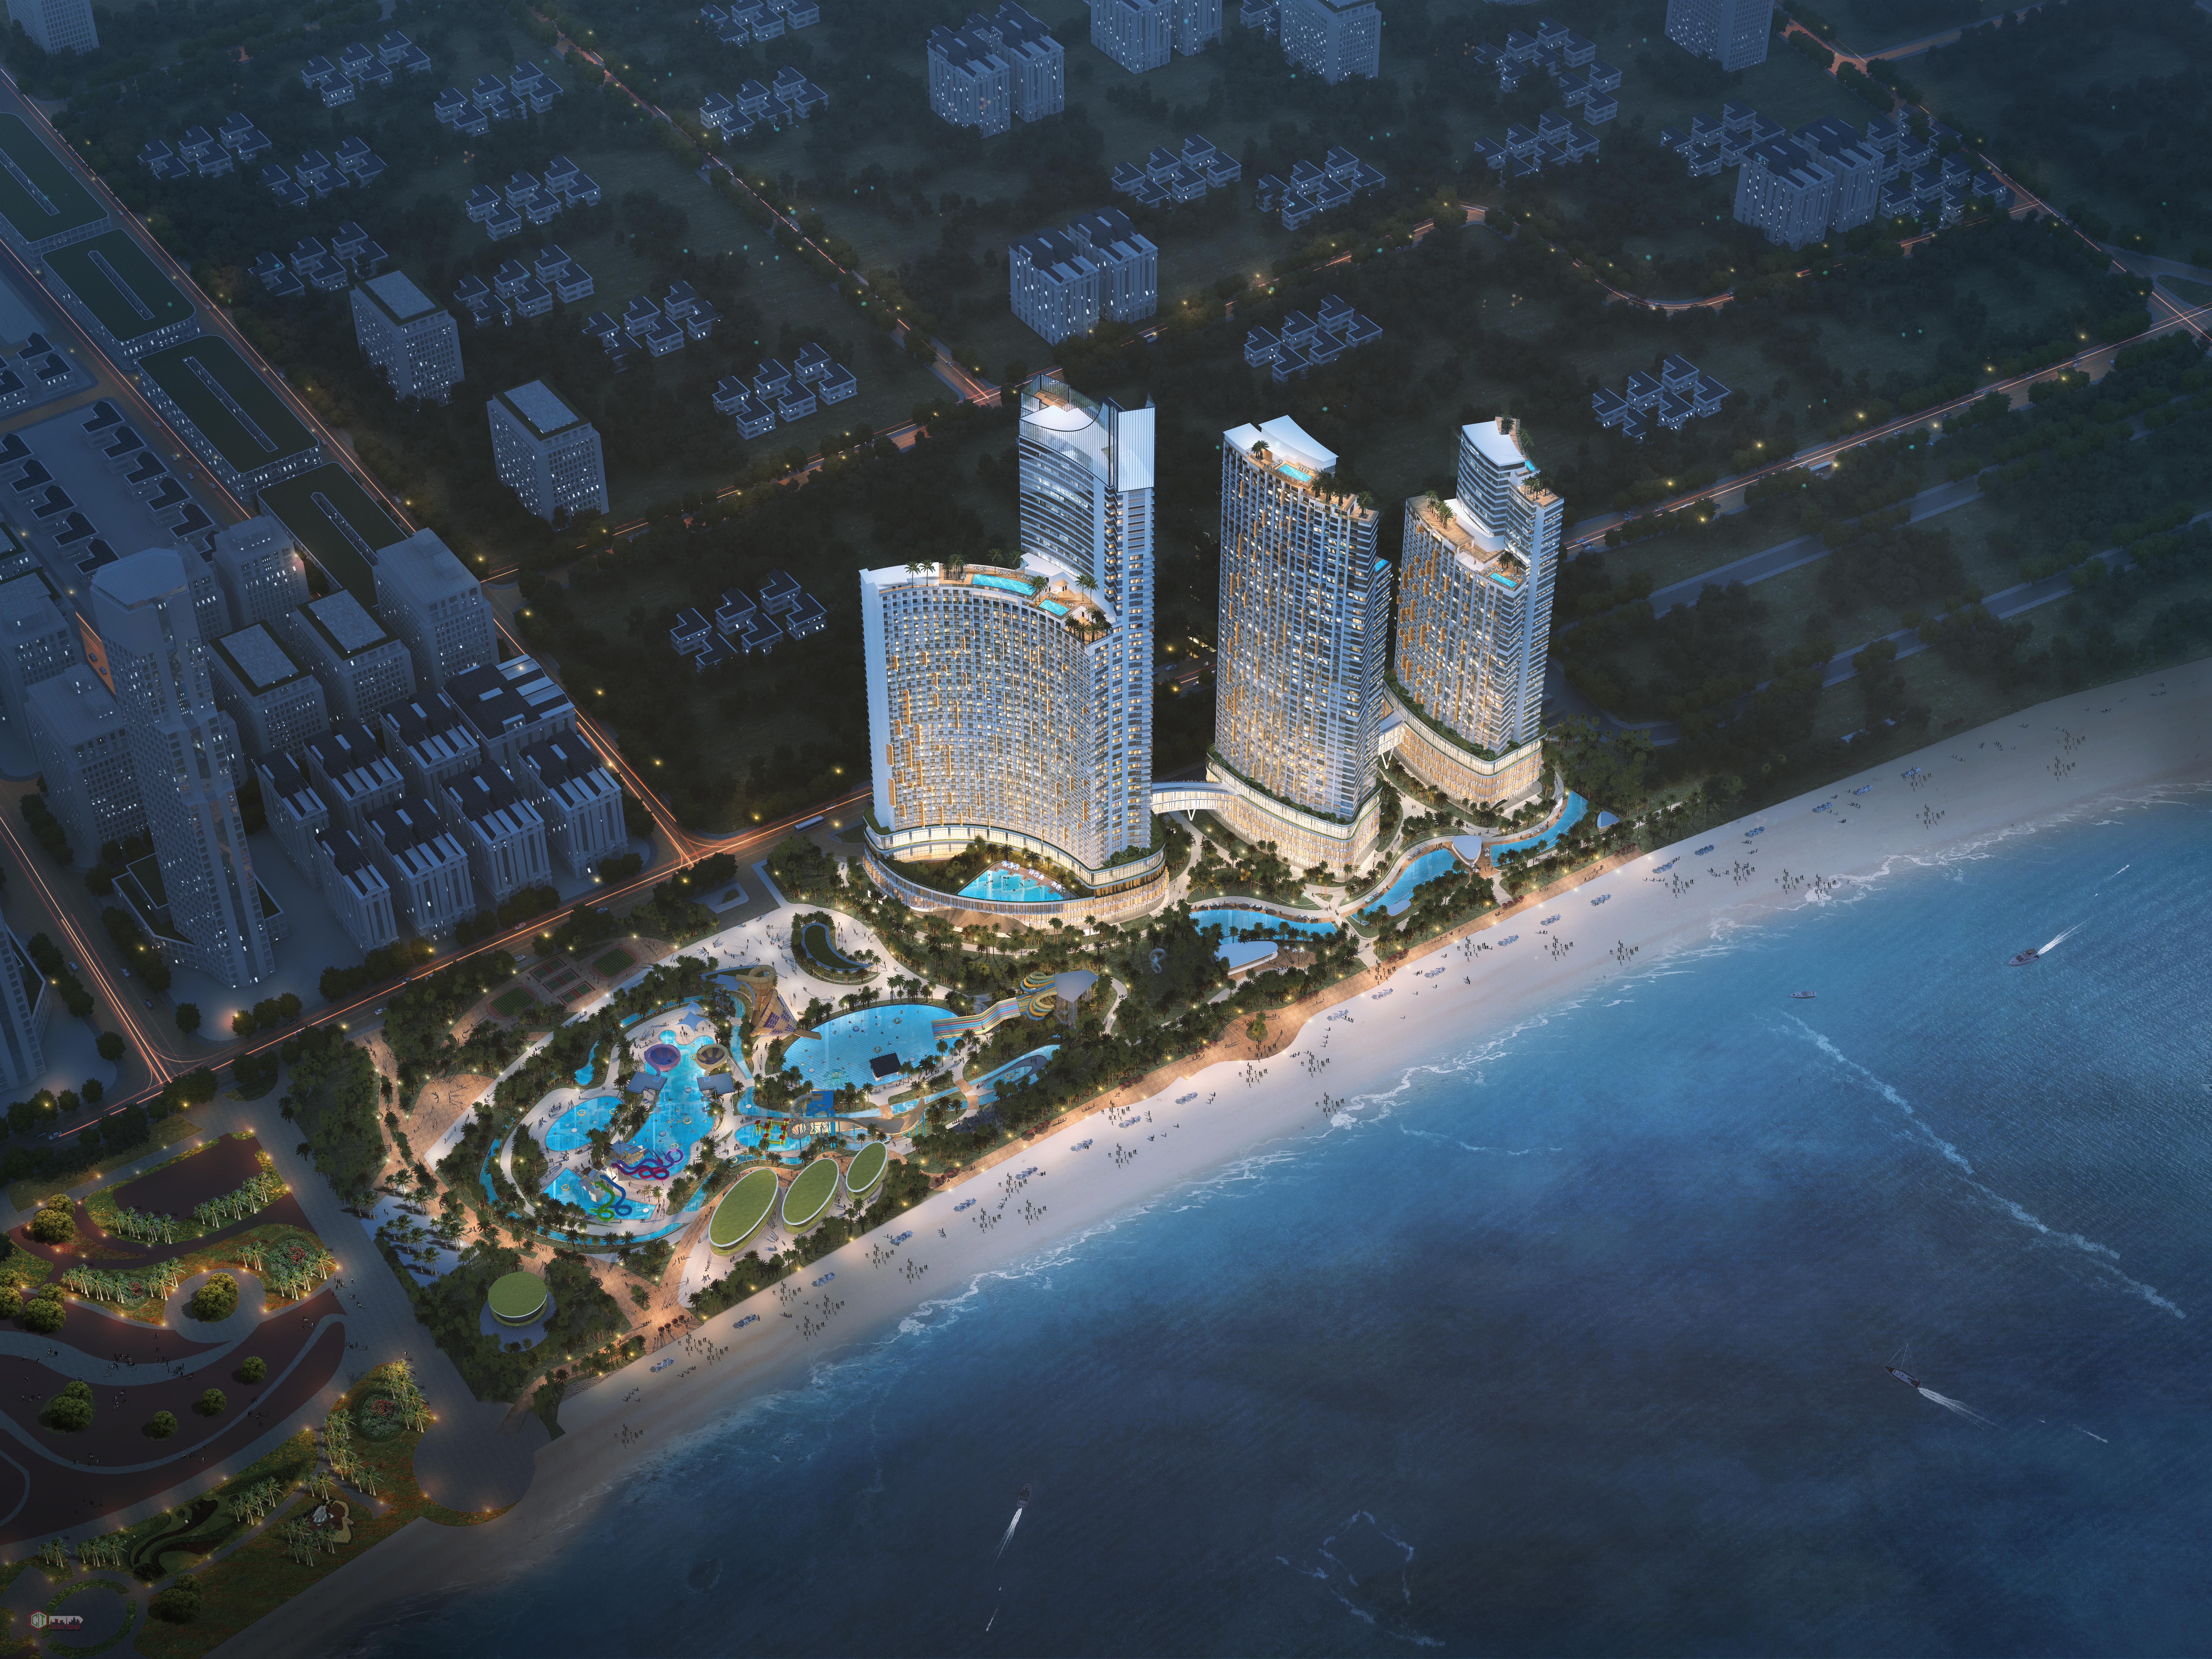 Tiện ích căn hộ Sunbay Park Hotel & Resort Ninh Thuận